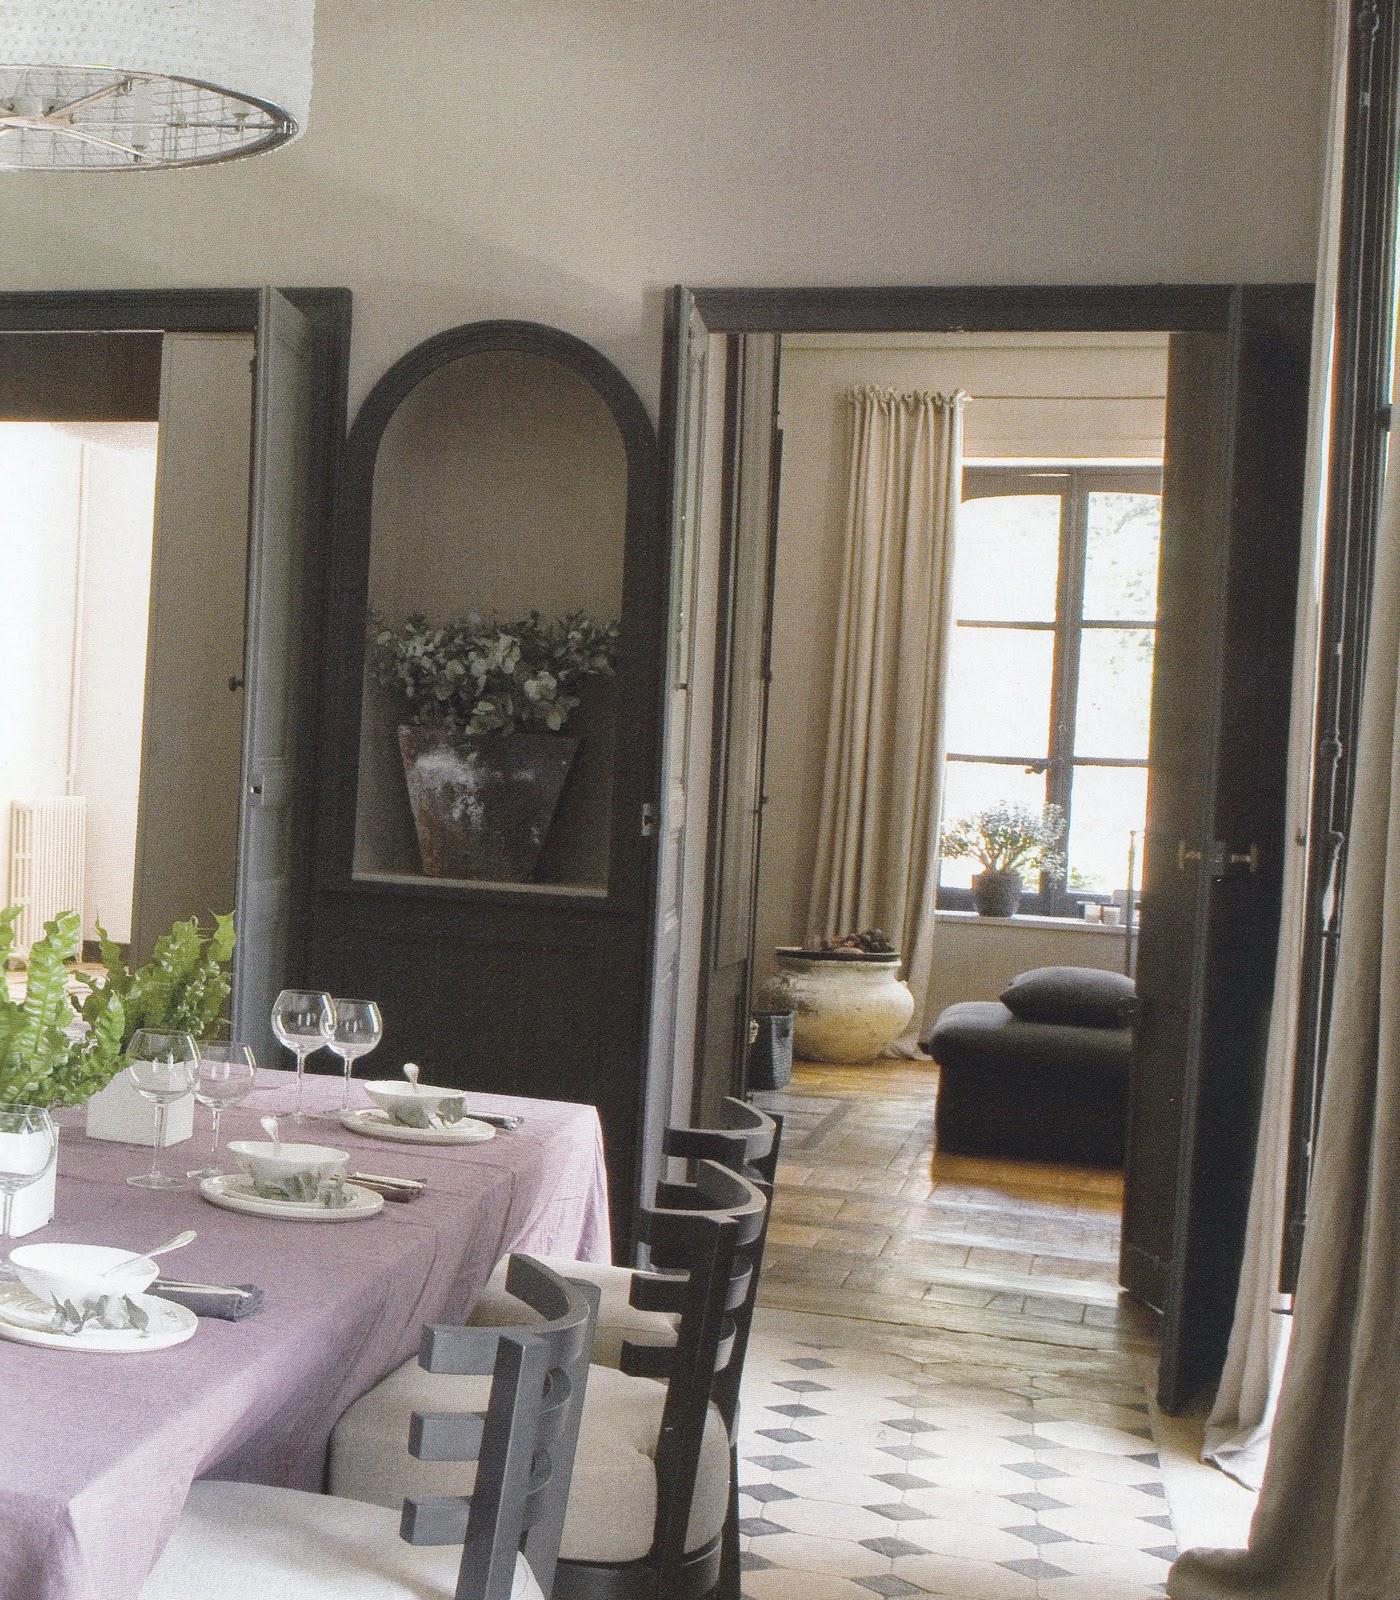 isabelle h d coration et home staging el gance mode d 39 emploi inspiration. Black Bedroom Furniture Sets. Home Design Ideas